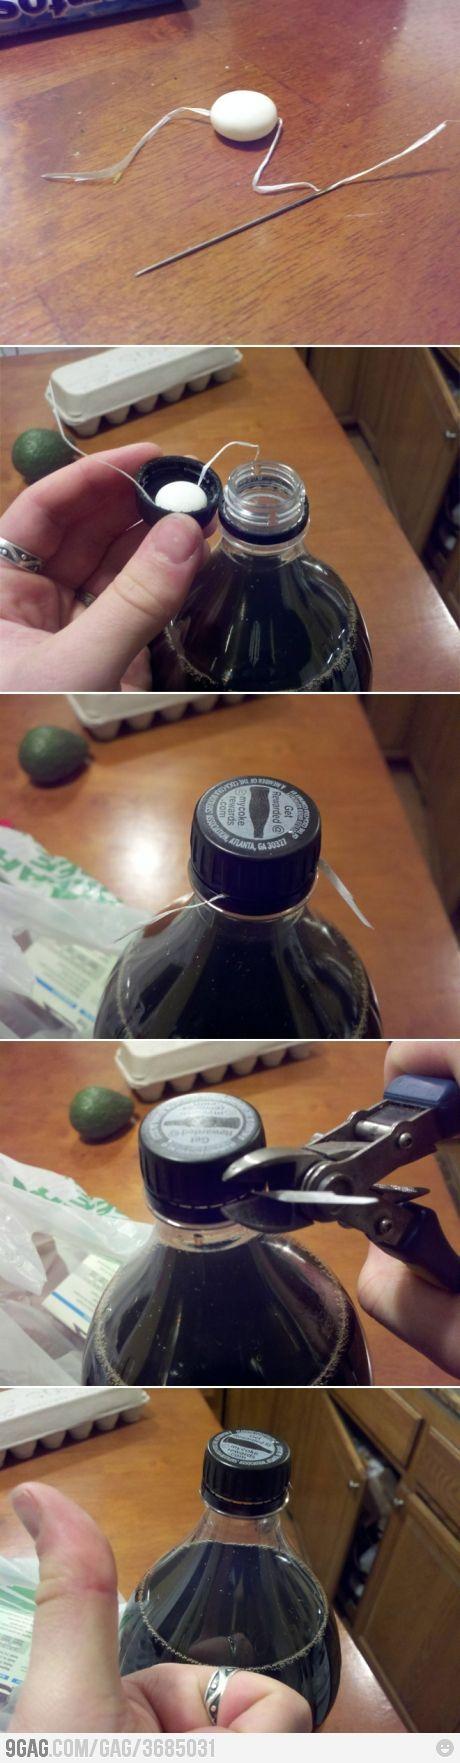 Coke + Mentos prank>>>>Mwahahaha!